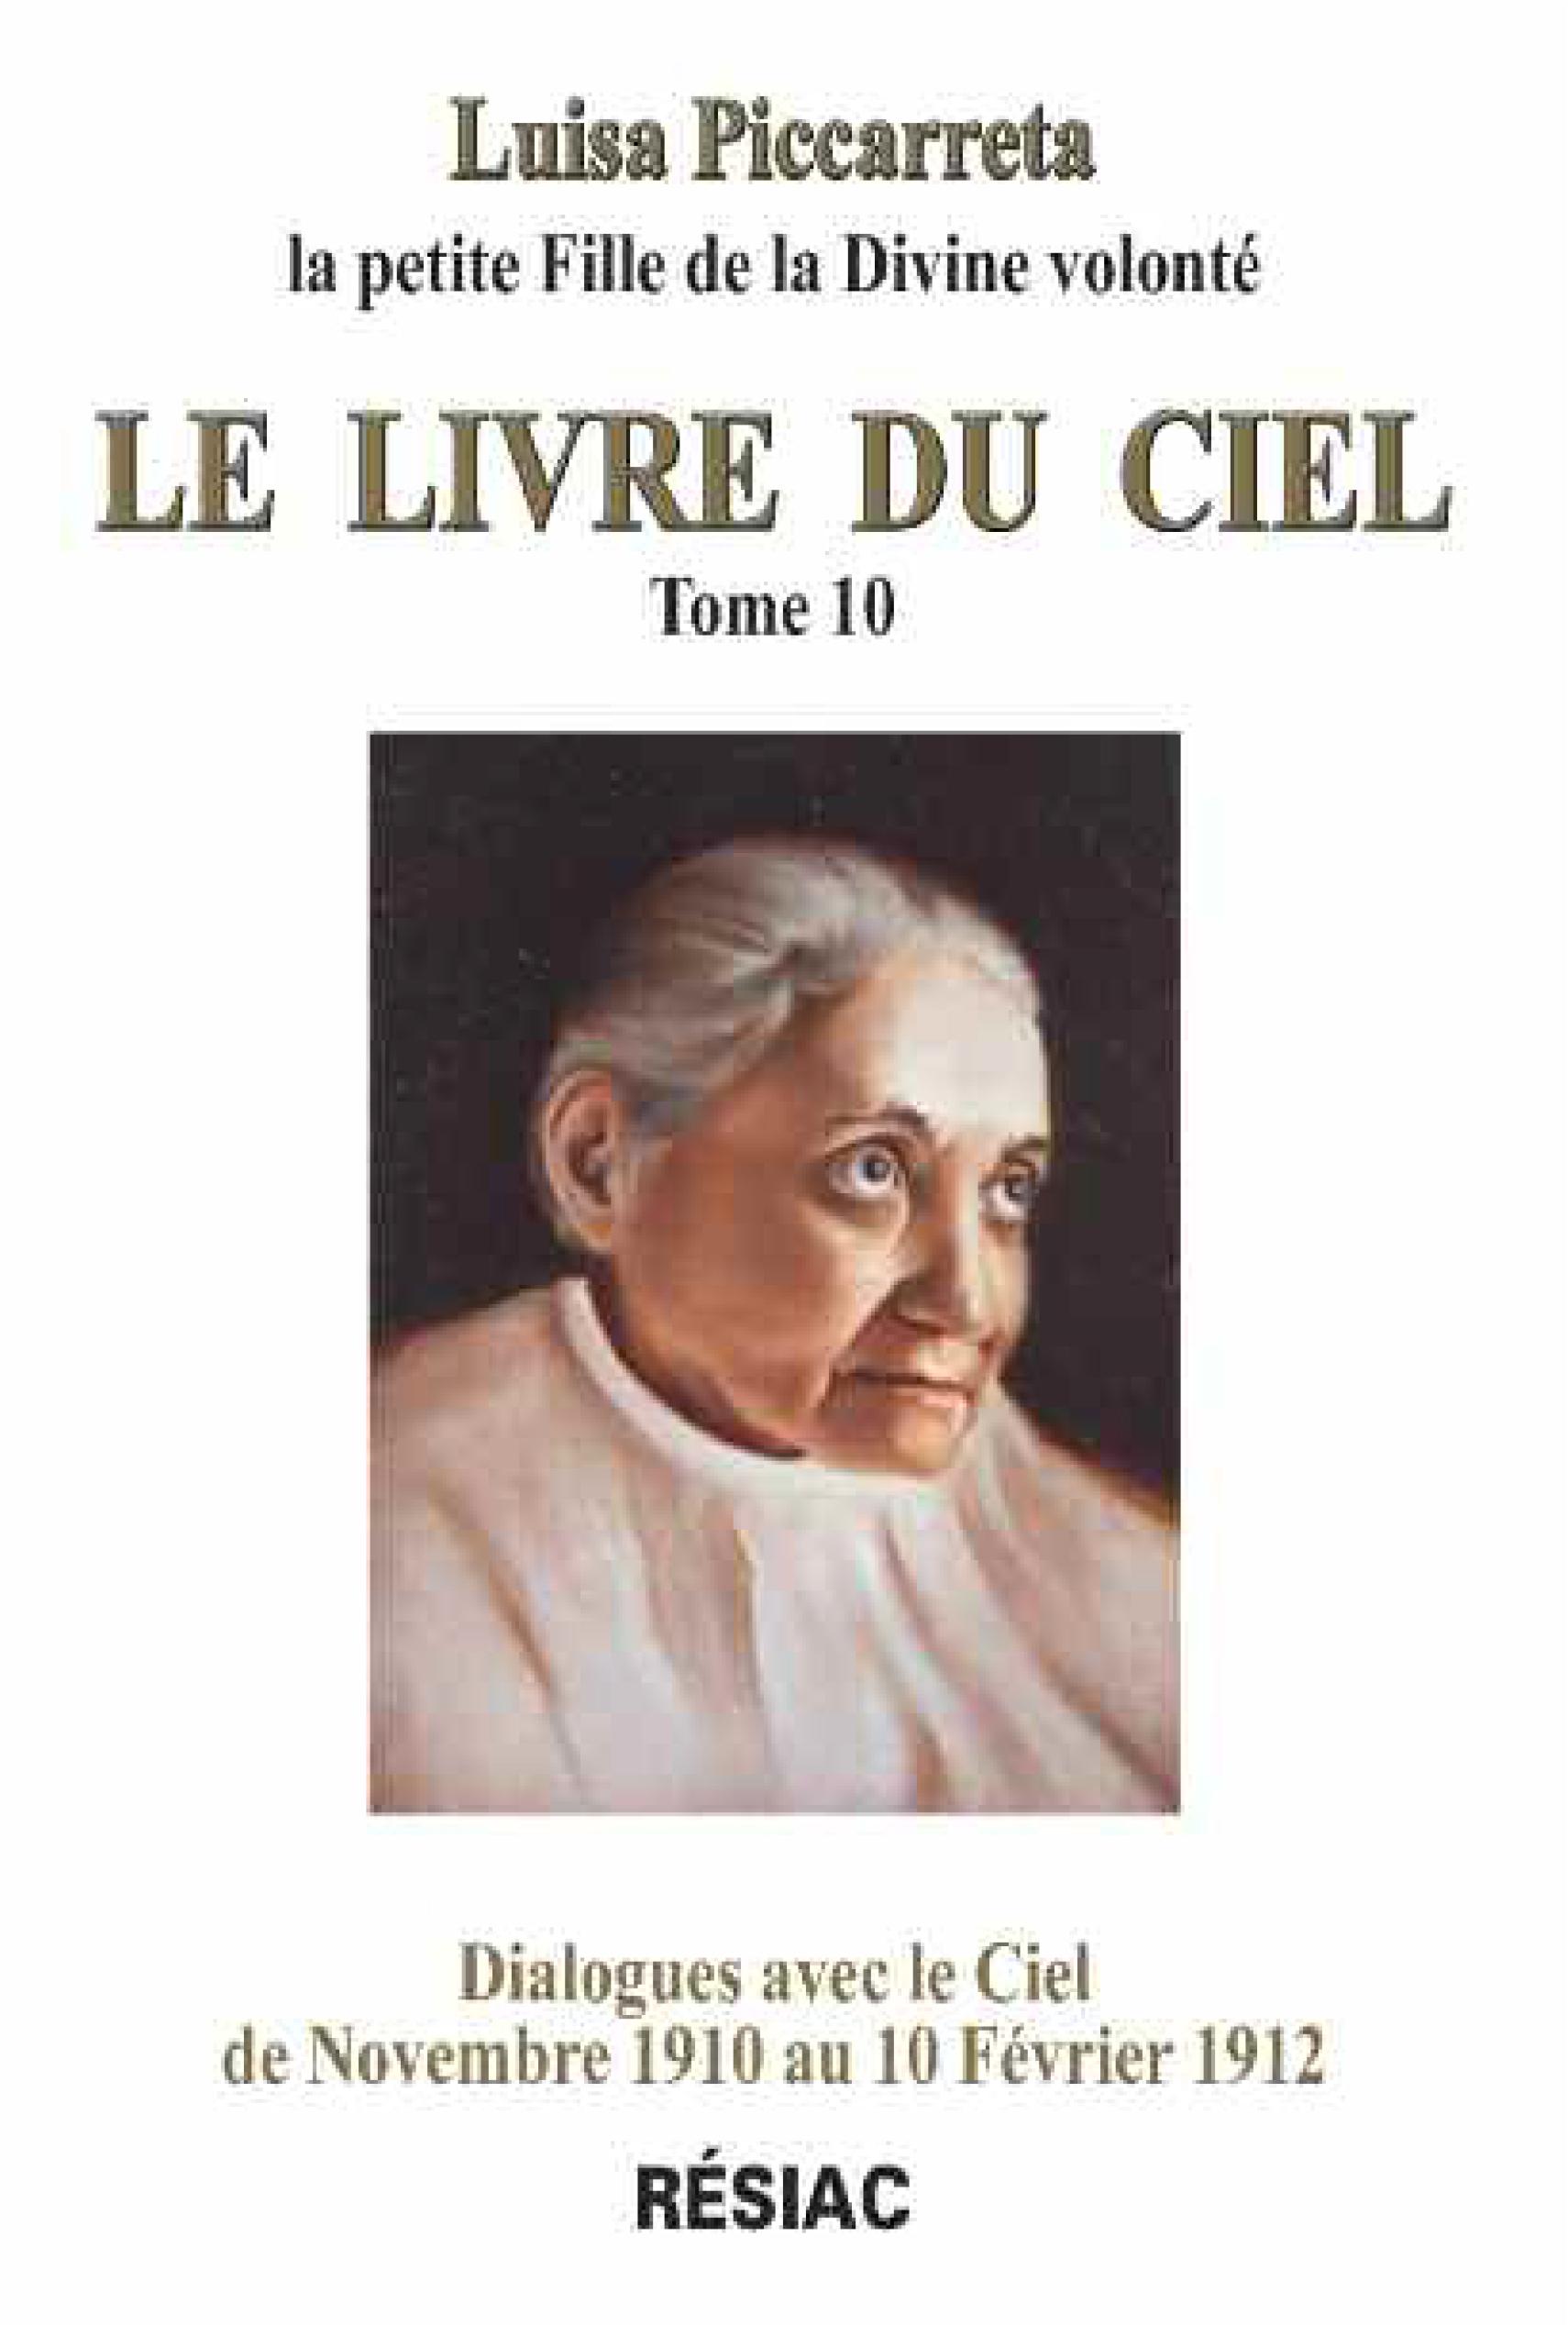 Luisa Piccarreta - Le Livre du Ciel - Tome 10